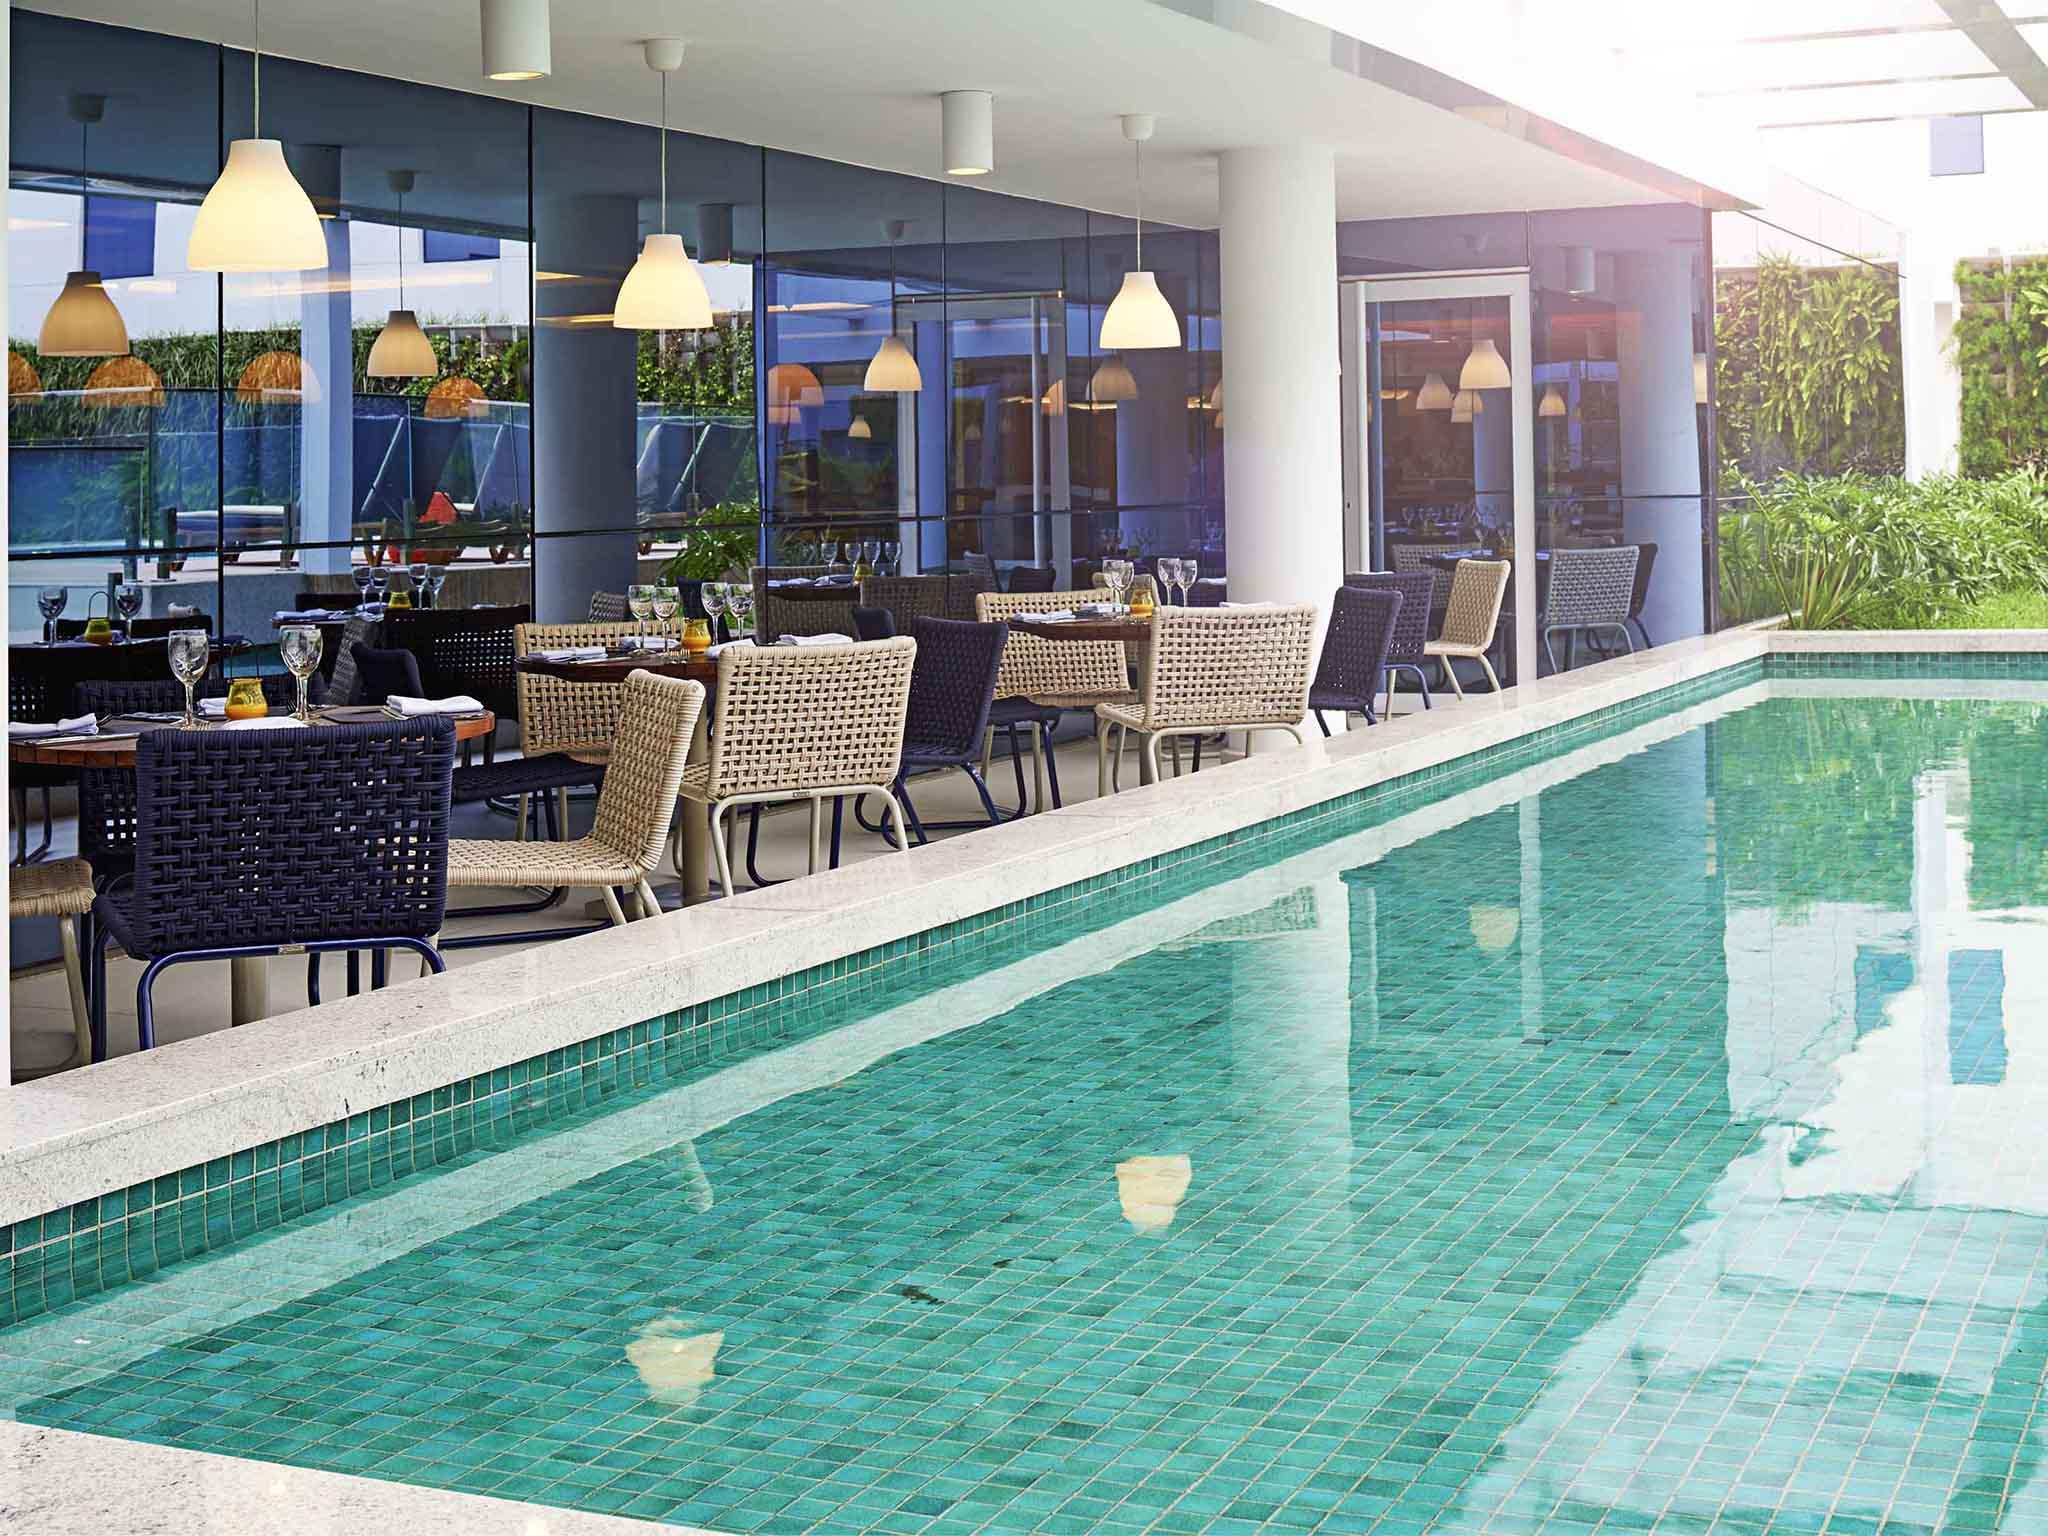 酒店 – 诺富特里约热内卢奥林匹克公园酒店